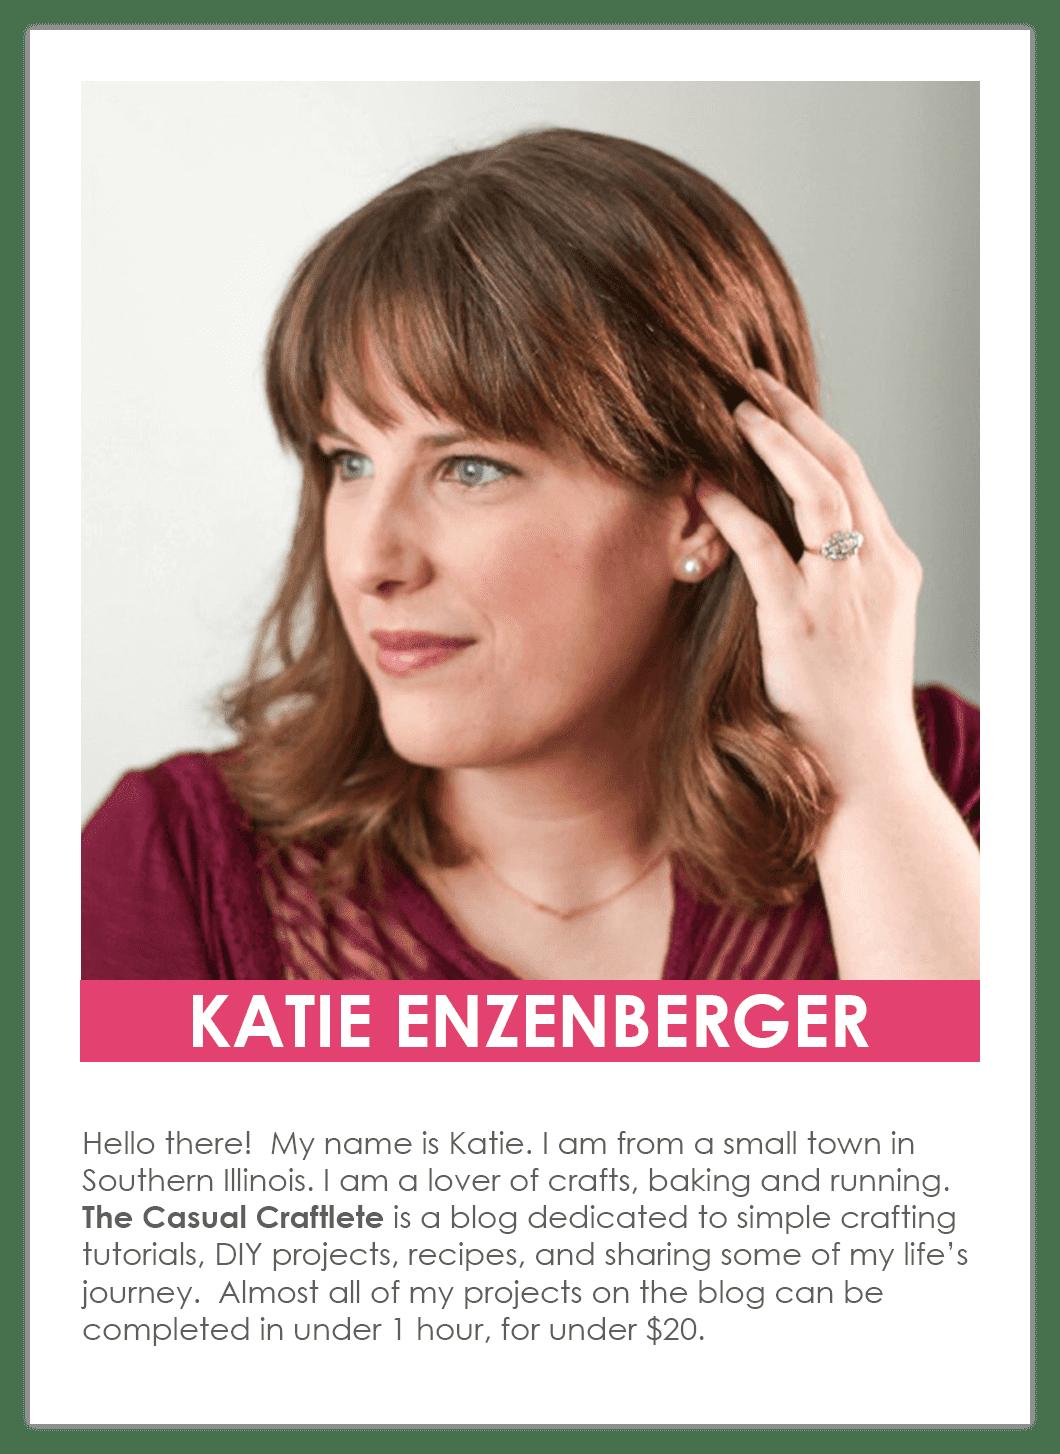 Katie Enzenberger